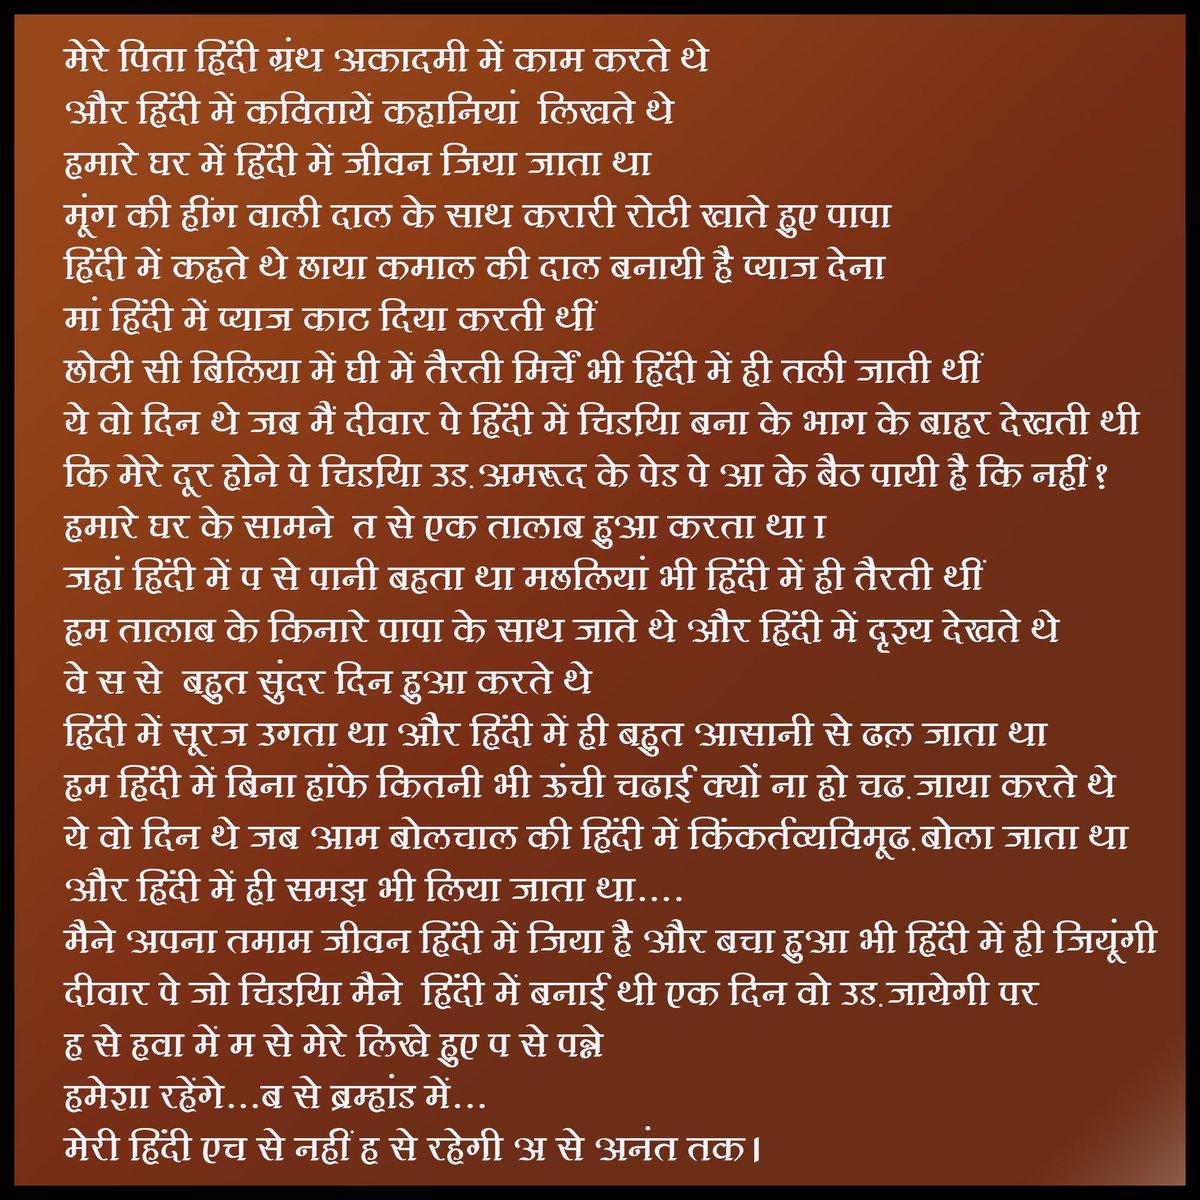 @SrBachchan: T 4029 – हिंदी दिवस की अनेक शुभकामनाएँ 🙏🌹🚩 .. हमारे एक प्रिय मित्र ने ये एक निबंध, जिसे उनके एक मित्र ने उन्हें भेजा था, मुझे भेजा, और मुझे लगा की ये बहुत ही अद्भुत उल्लेख, आप को भेज दूँ !!